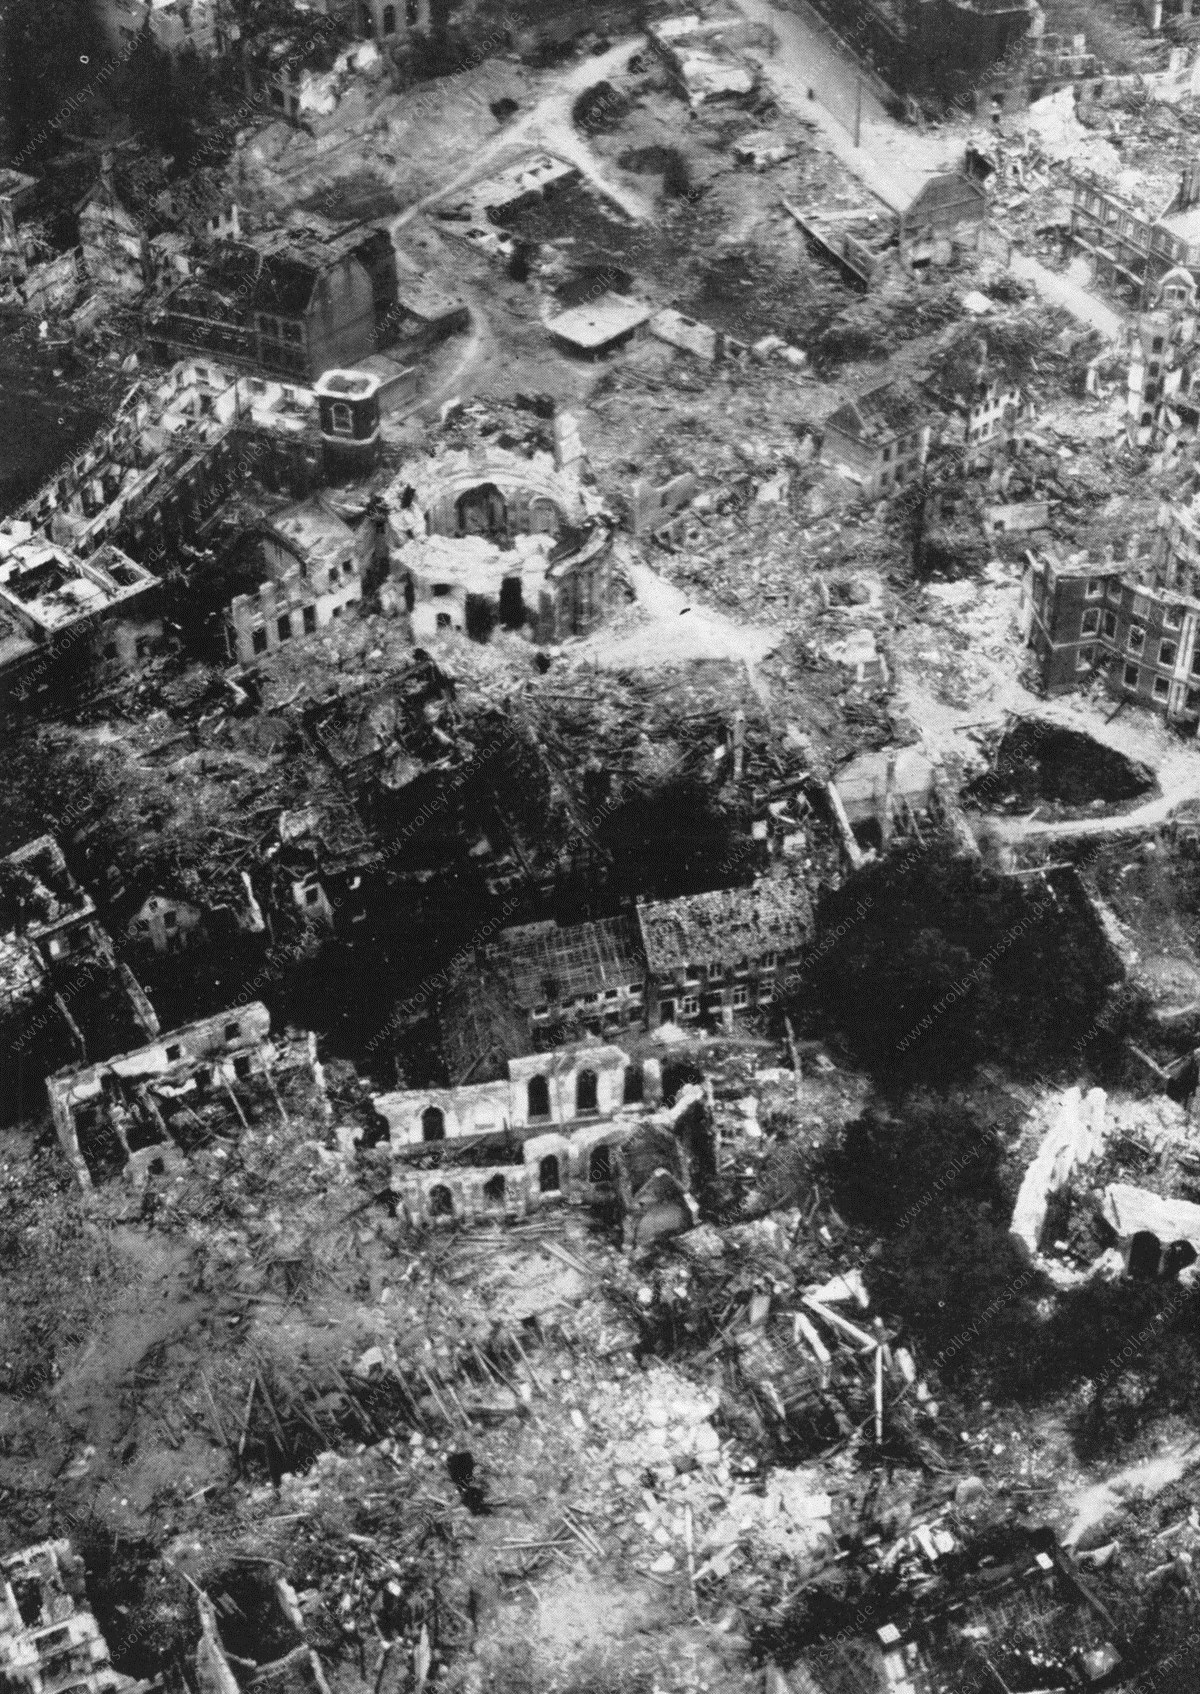 Münster im Krieg - Luftbild von Erbdrostenhof und Clemenskirche sowie St. Servatii-Kirche in Trümmern